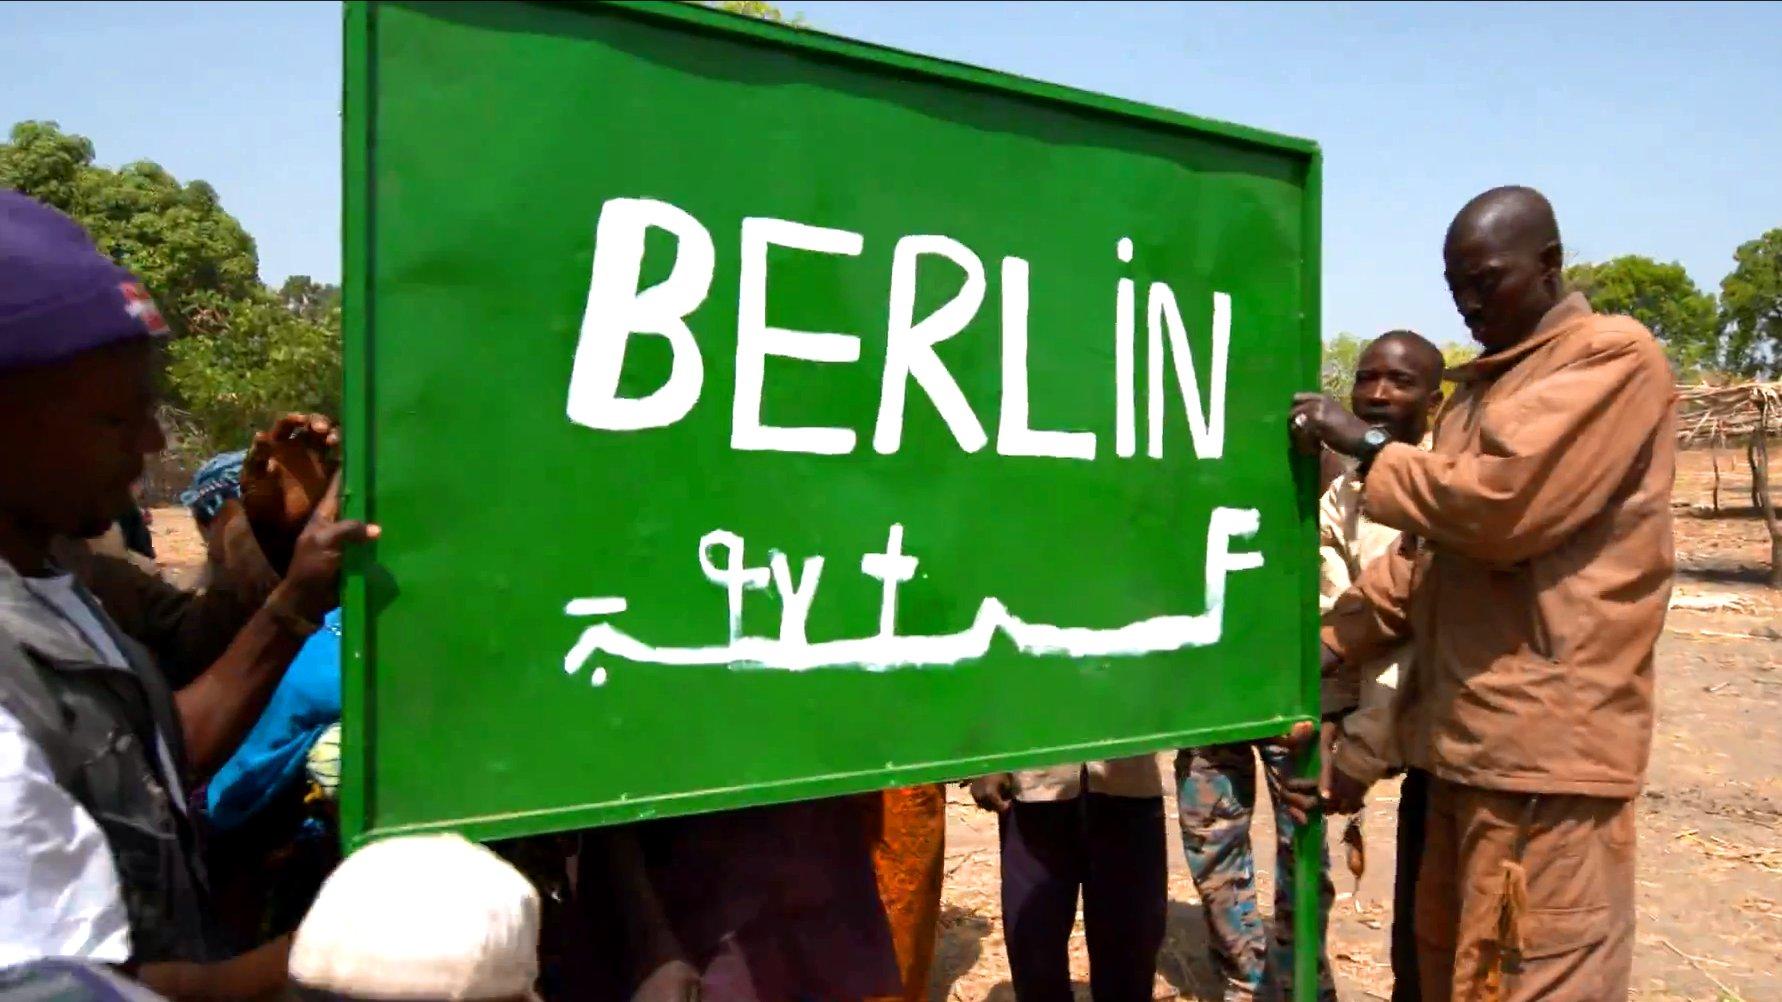 Bewohner von Berlin in Guinea halten ein Ortsschild hoch.